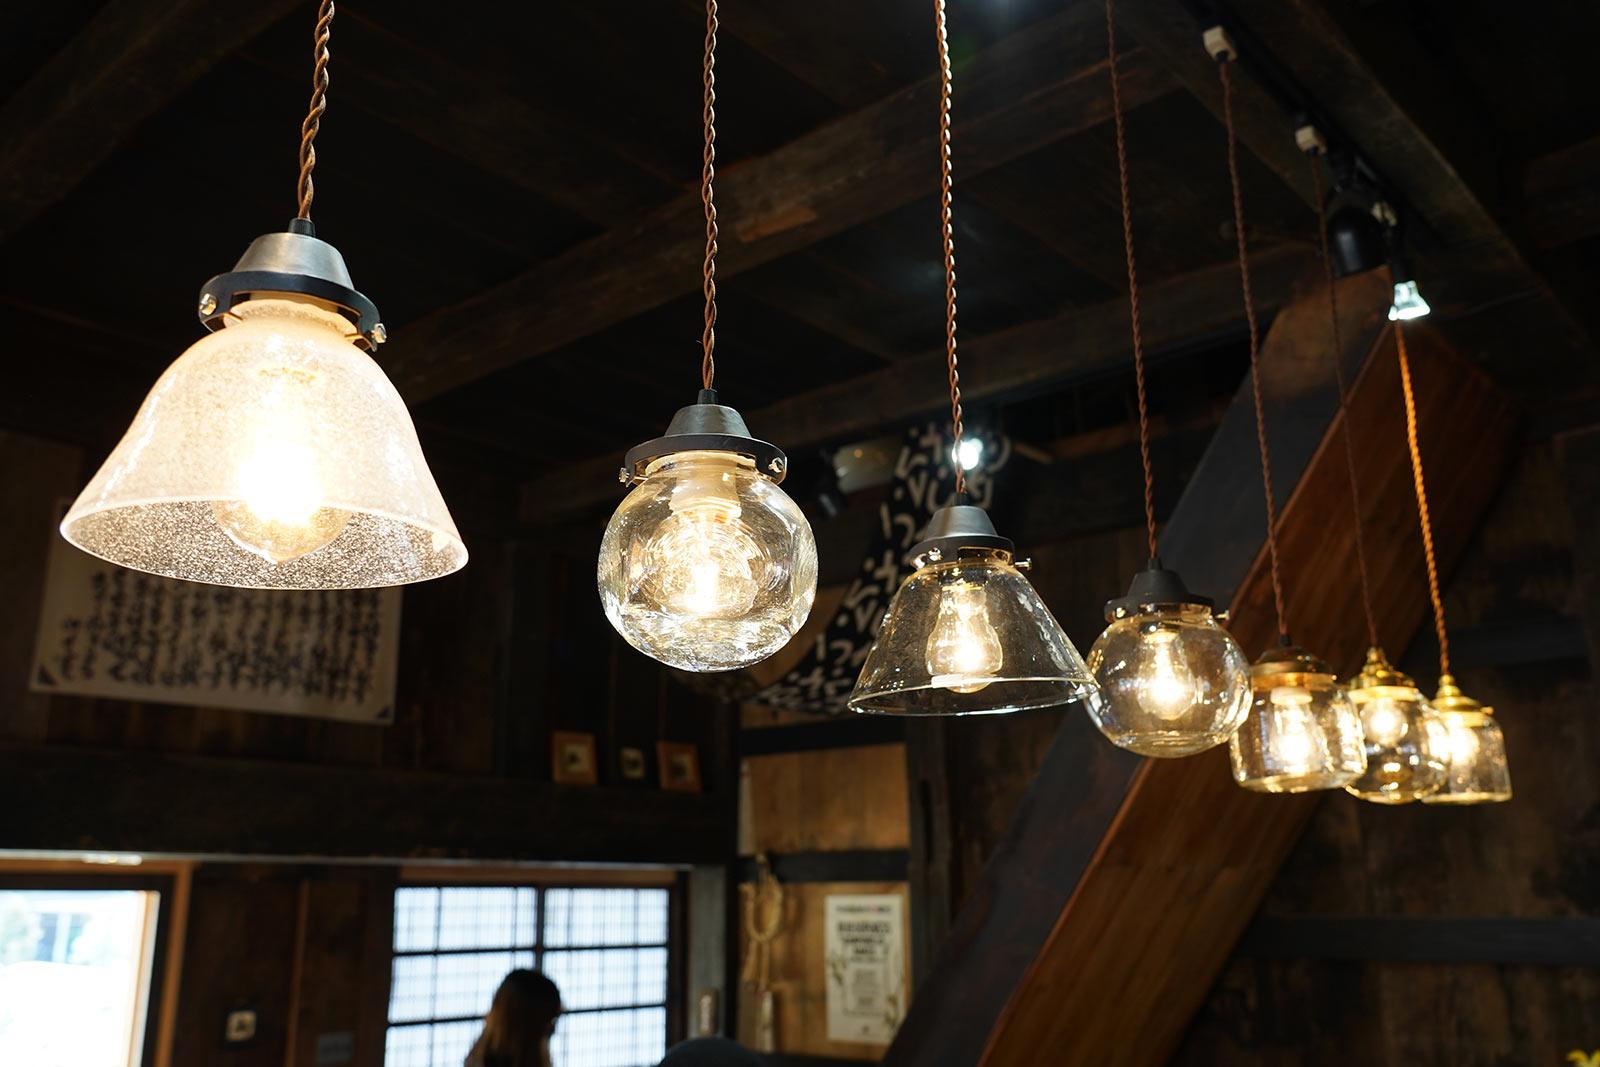 安土草多さんの照明を玄関にコーディネート